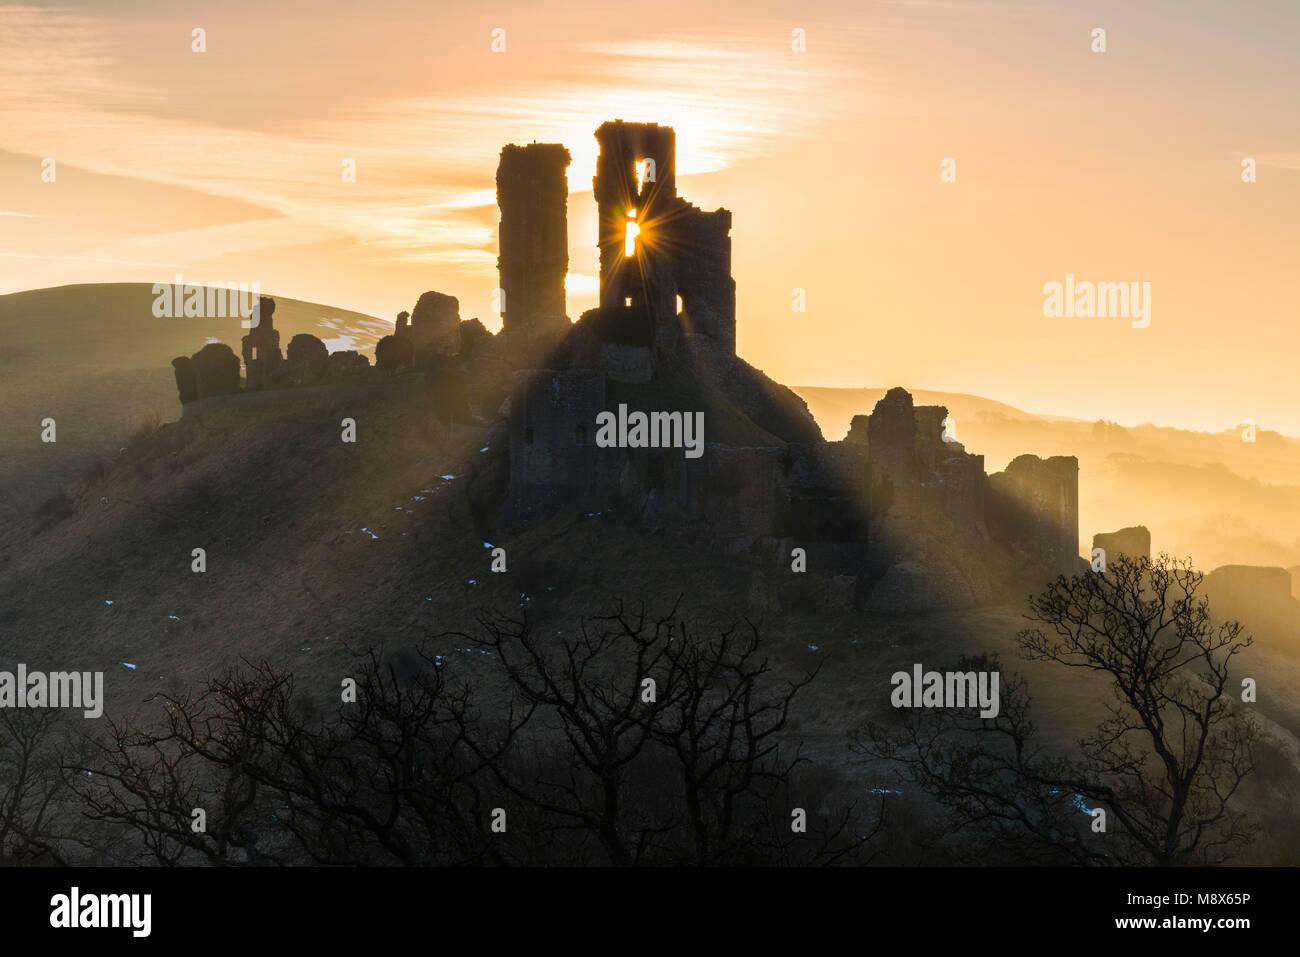 El castillo Corfe, en Dorset, Reino Unido. El 21 de marzo de 2018. El clima del Reino Unido. Los haces de luz del Foto de stock